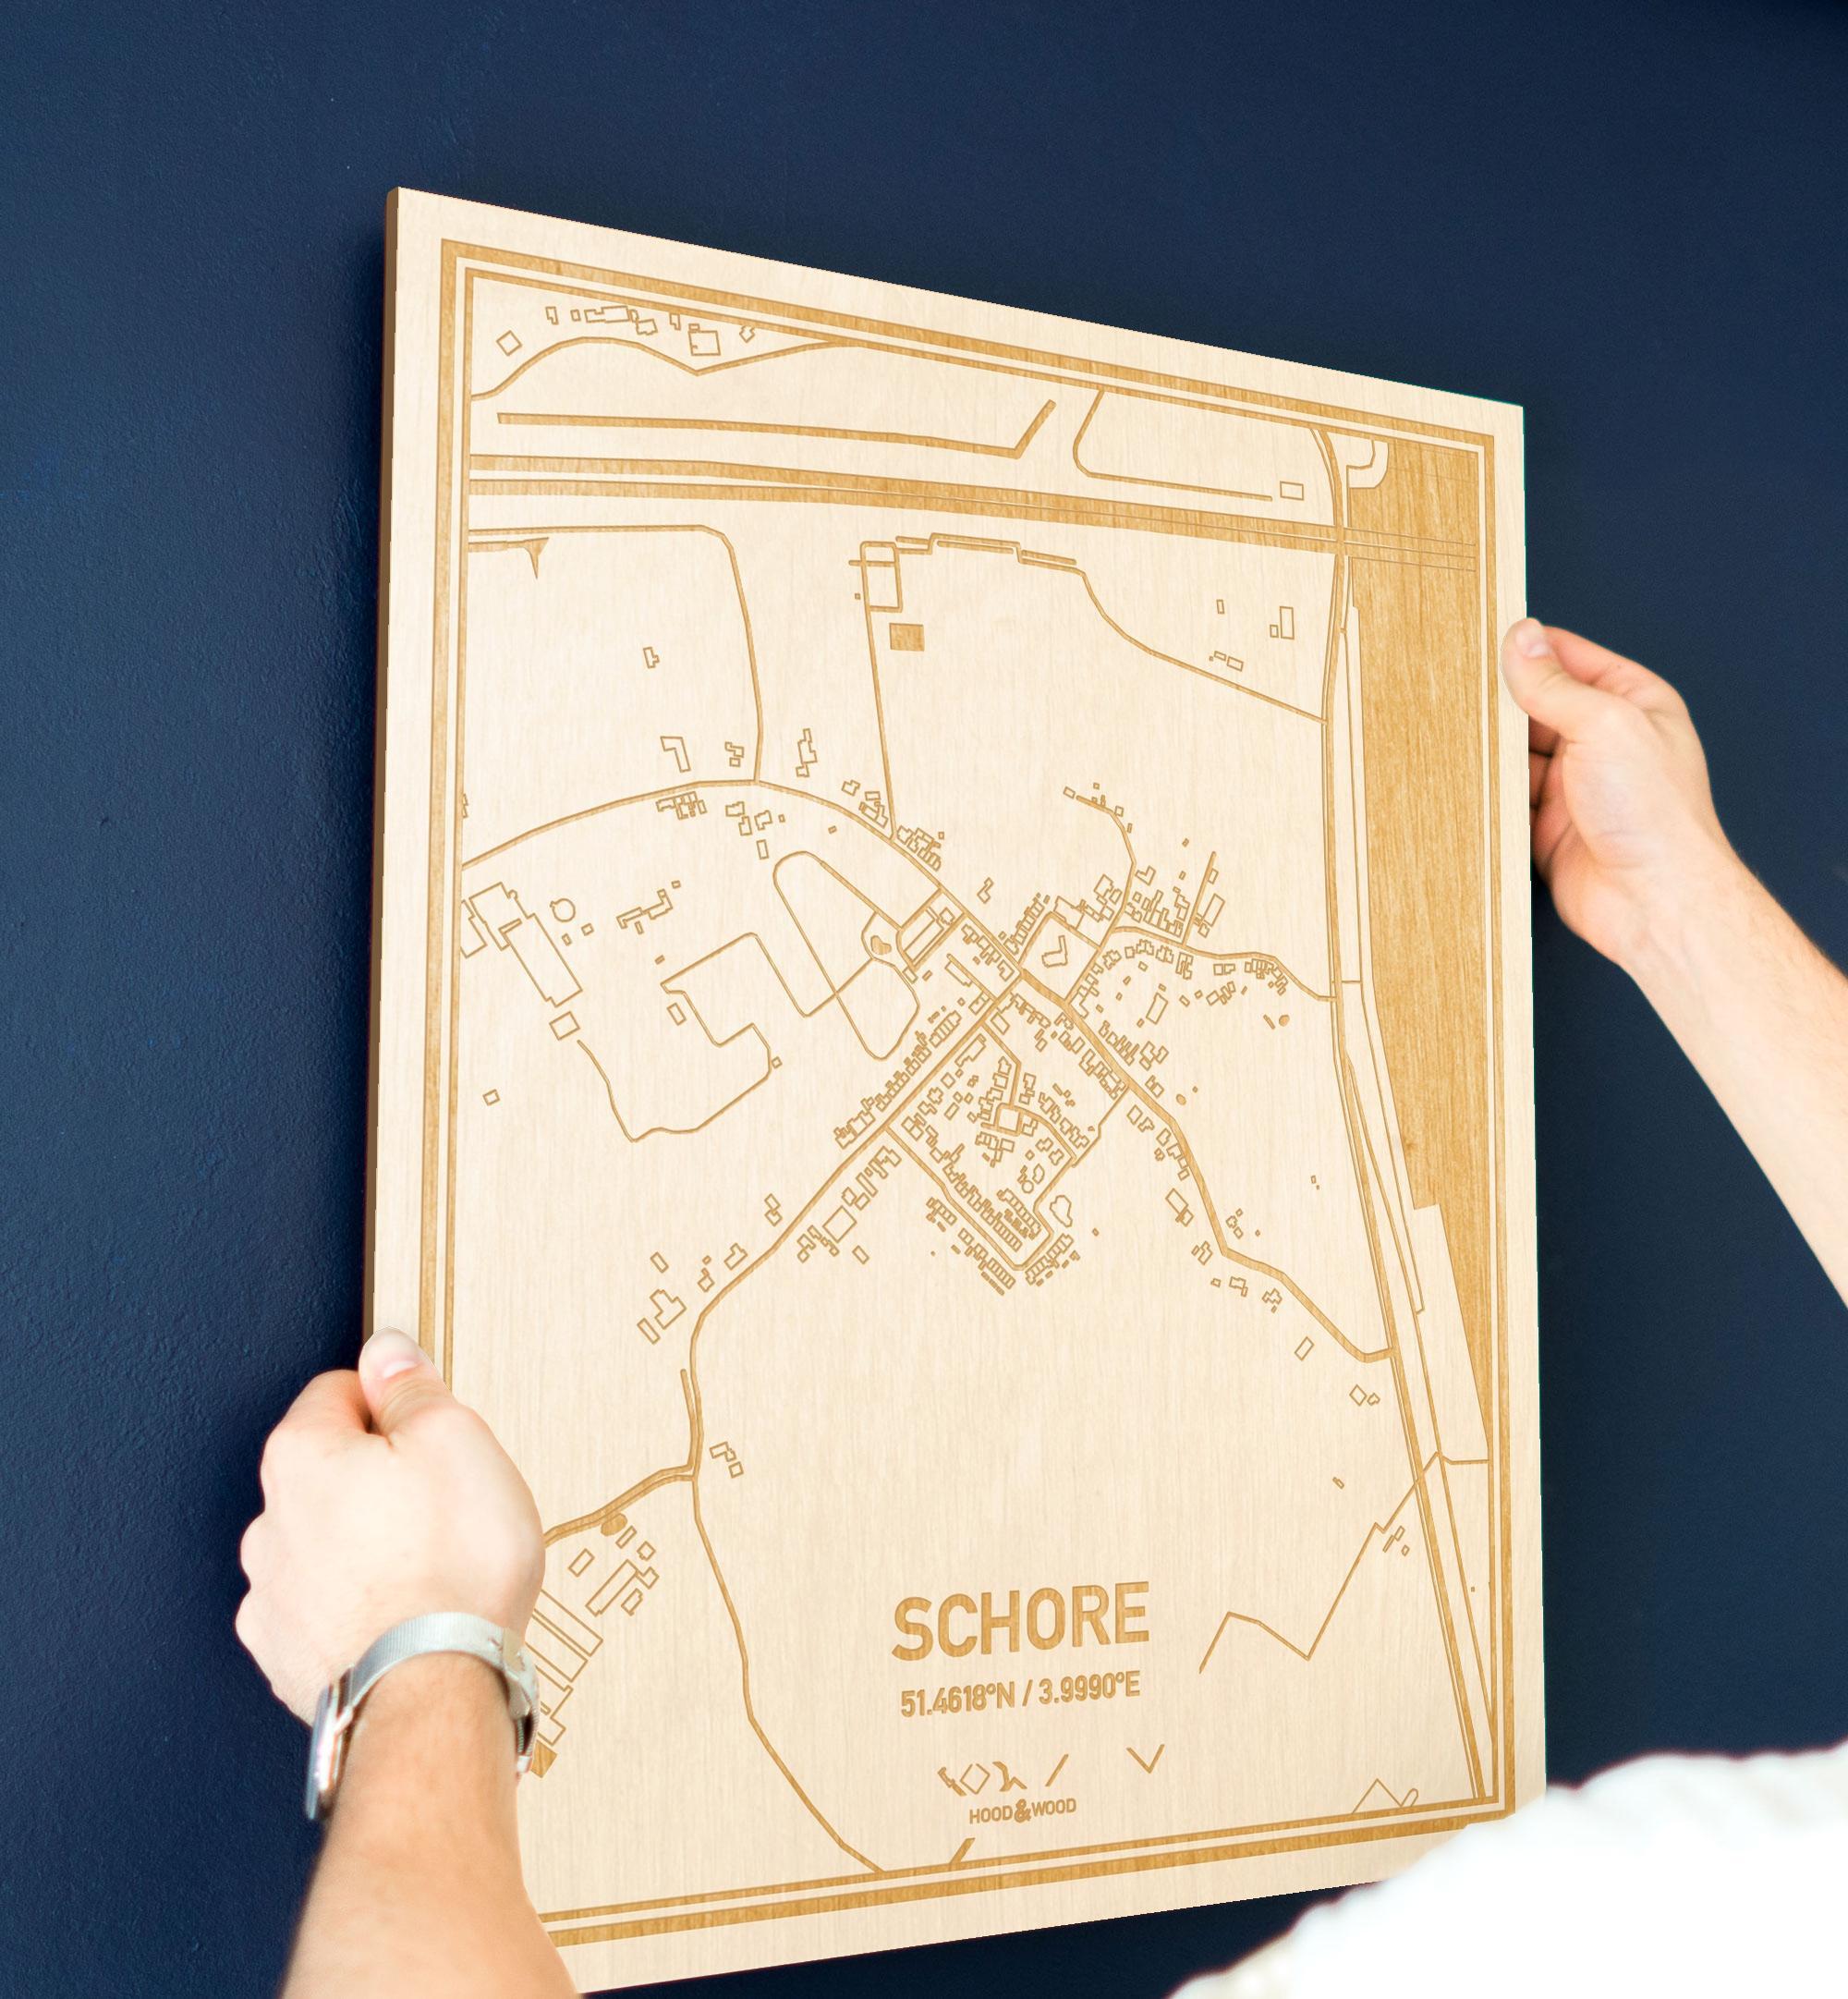 Een man hangt de houten plattegrond Schore aan zijn blauwe muur ter decoratie. Je ziet alleen zijn handen de kaart van deze speciale in Zeeland vasthouden.